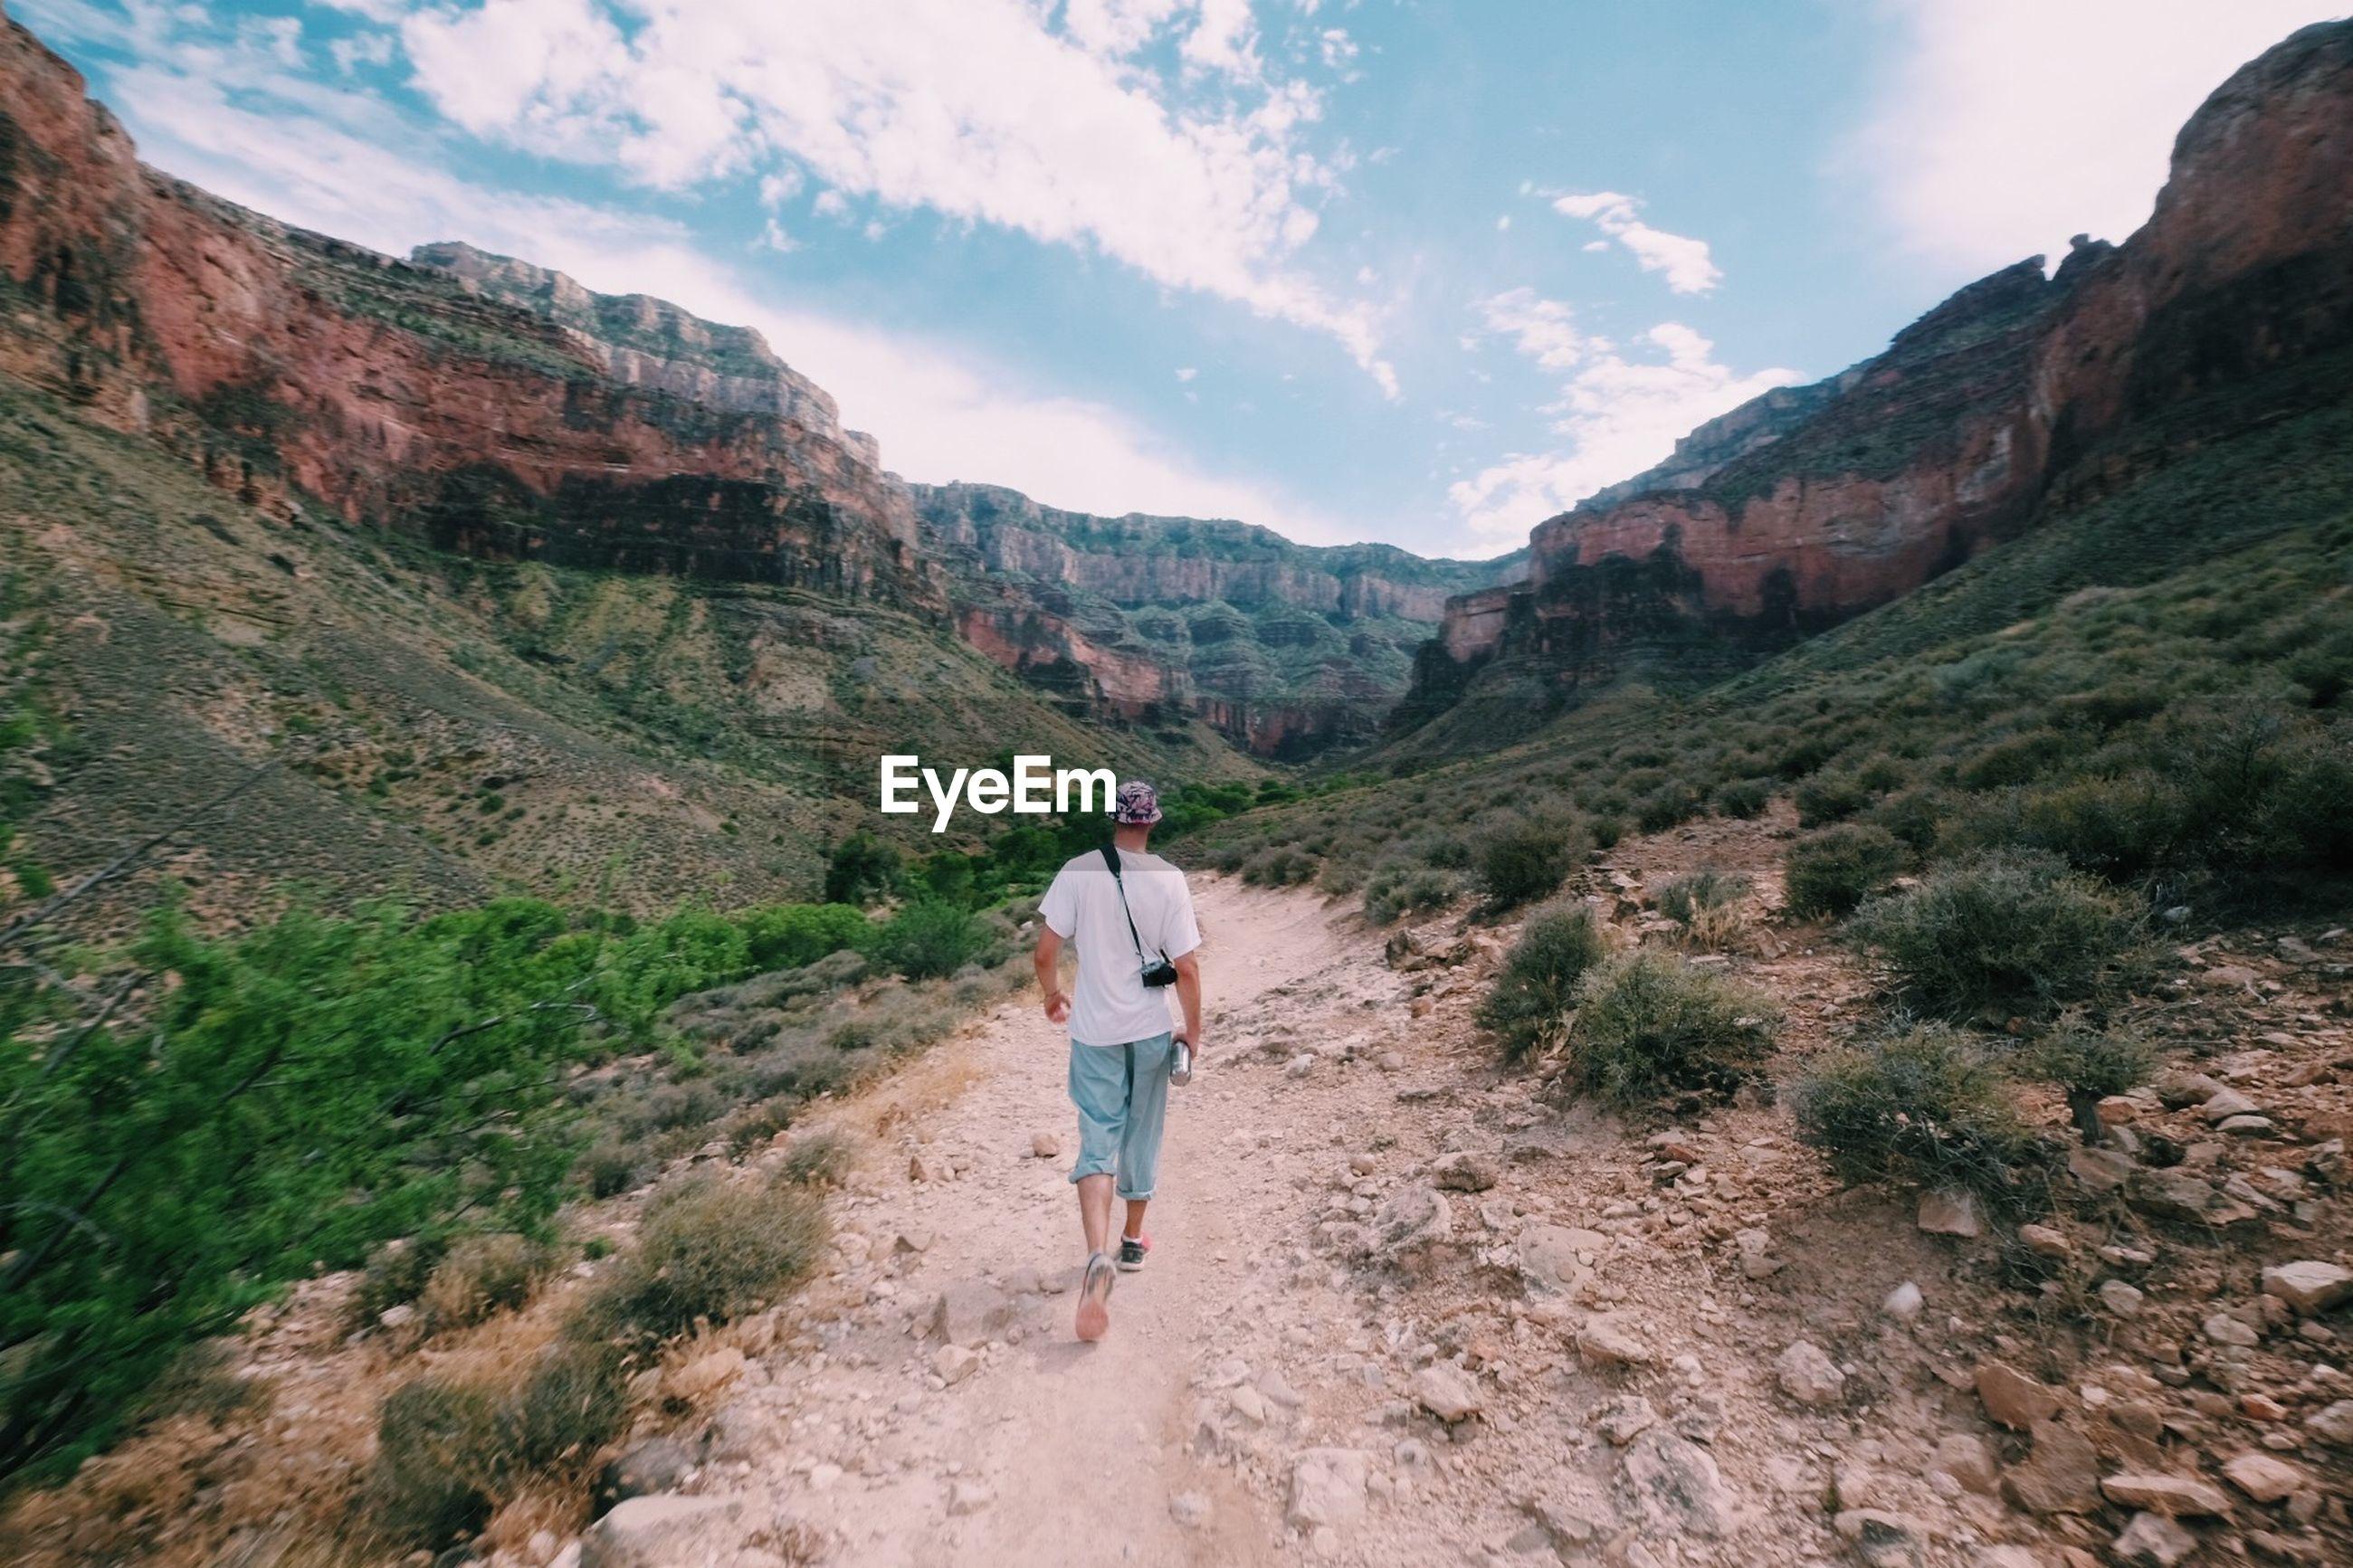 Rear view of man walking on rocky mountain